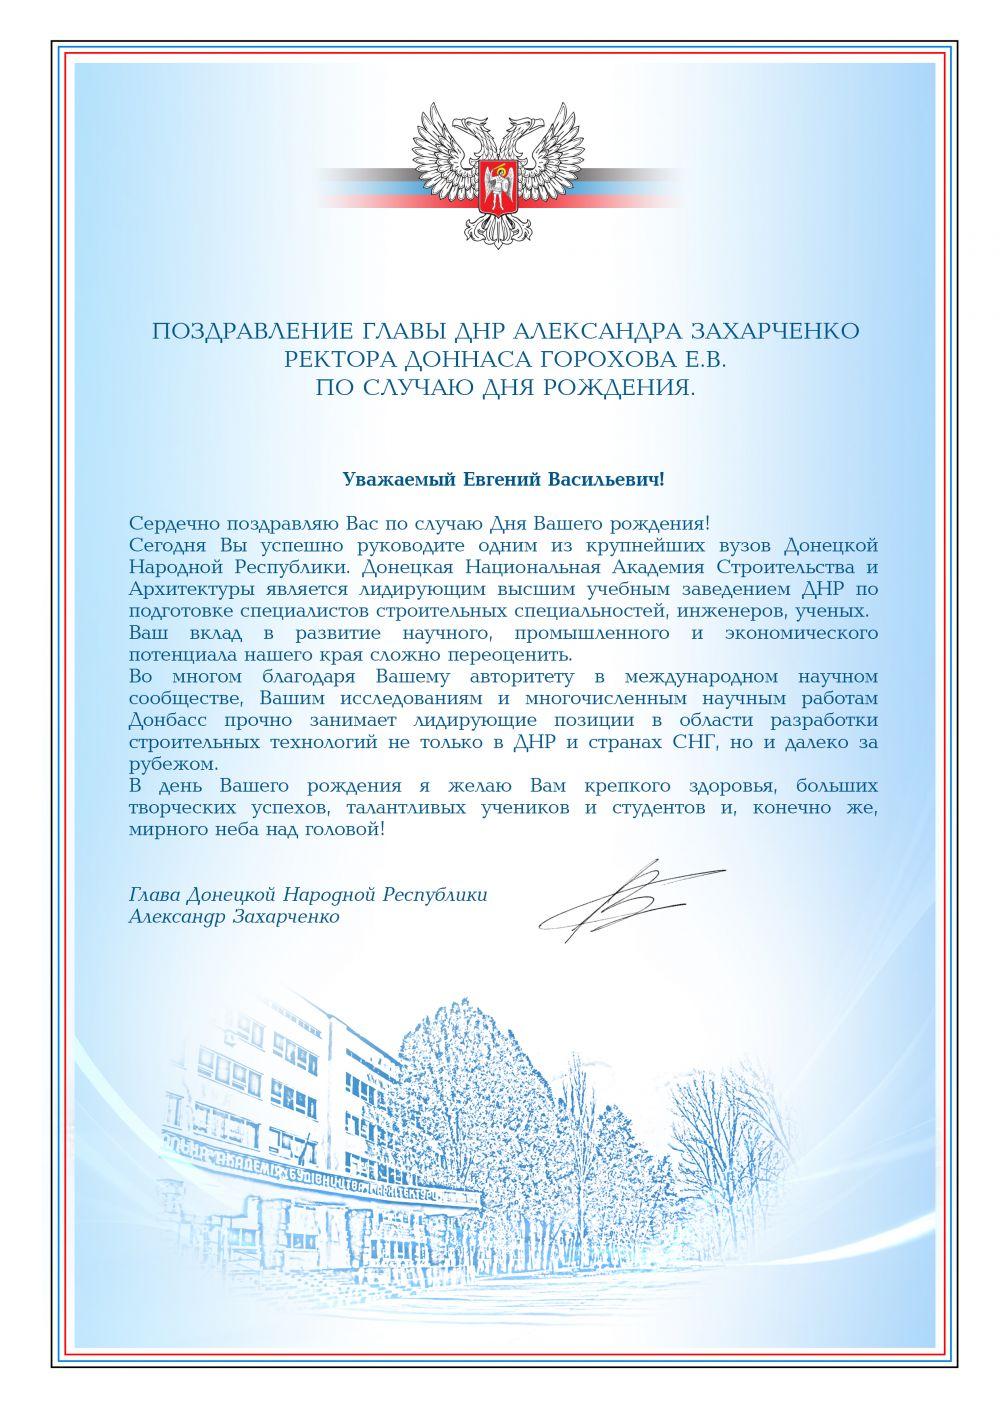 Поздравления глав регионов